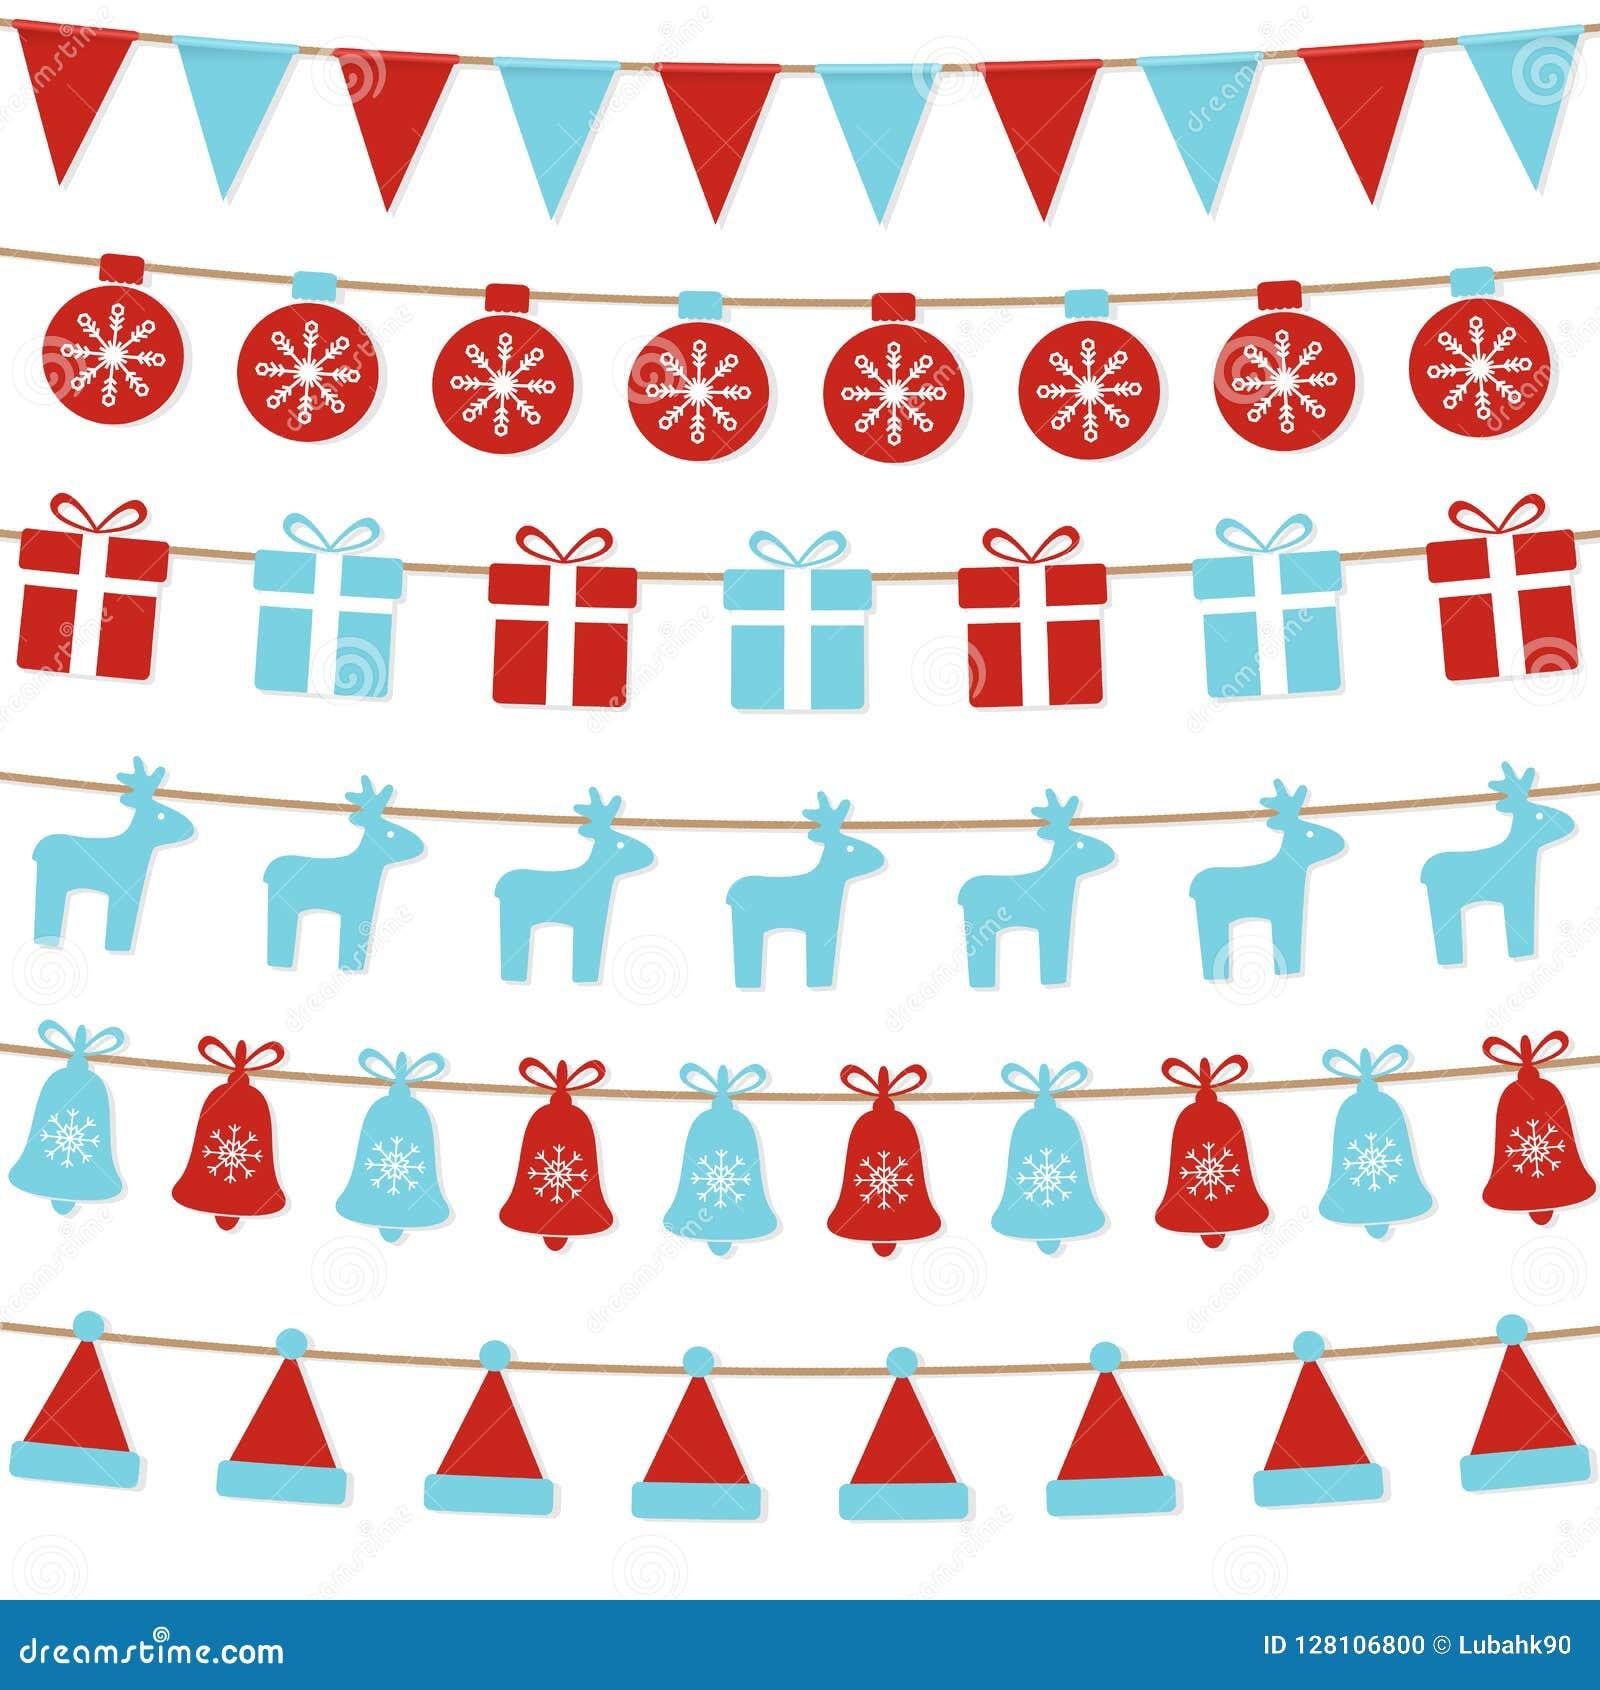 С Рождеством Христовым предпосылка с овсянкой xmas сигнализирует, шарики, подарочные коробки, северные олени, колоколы, шляпа san